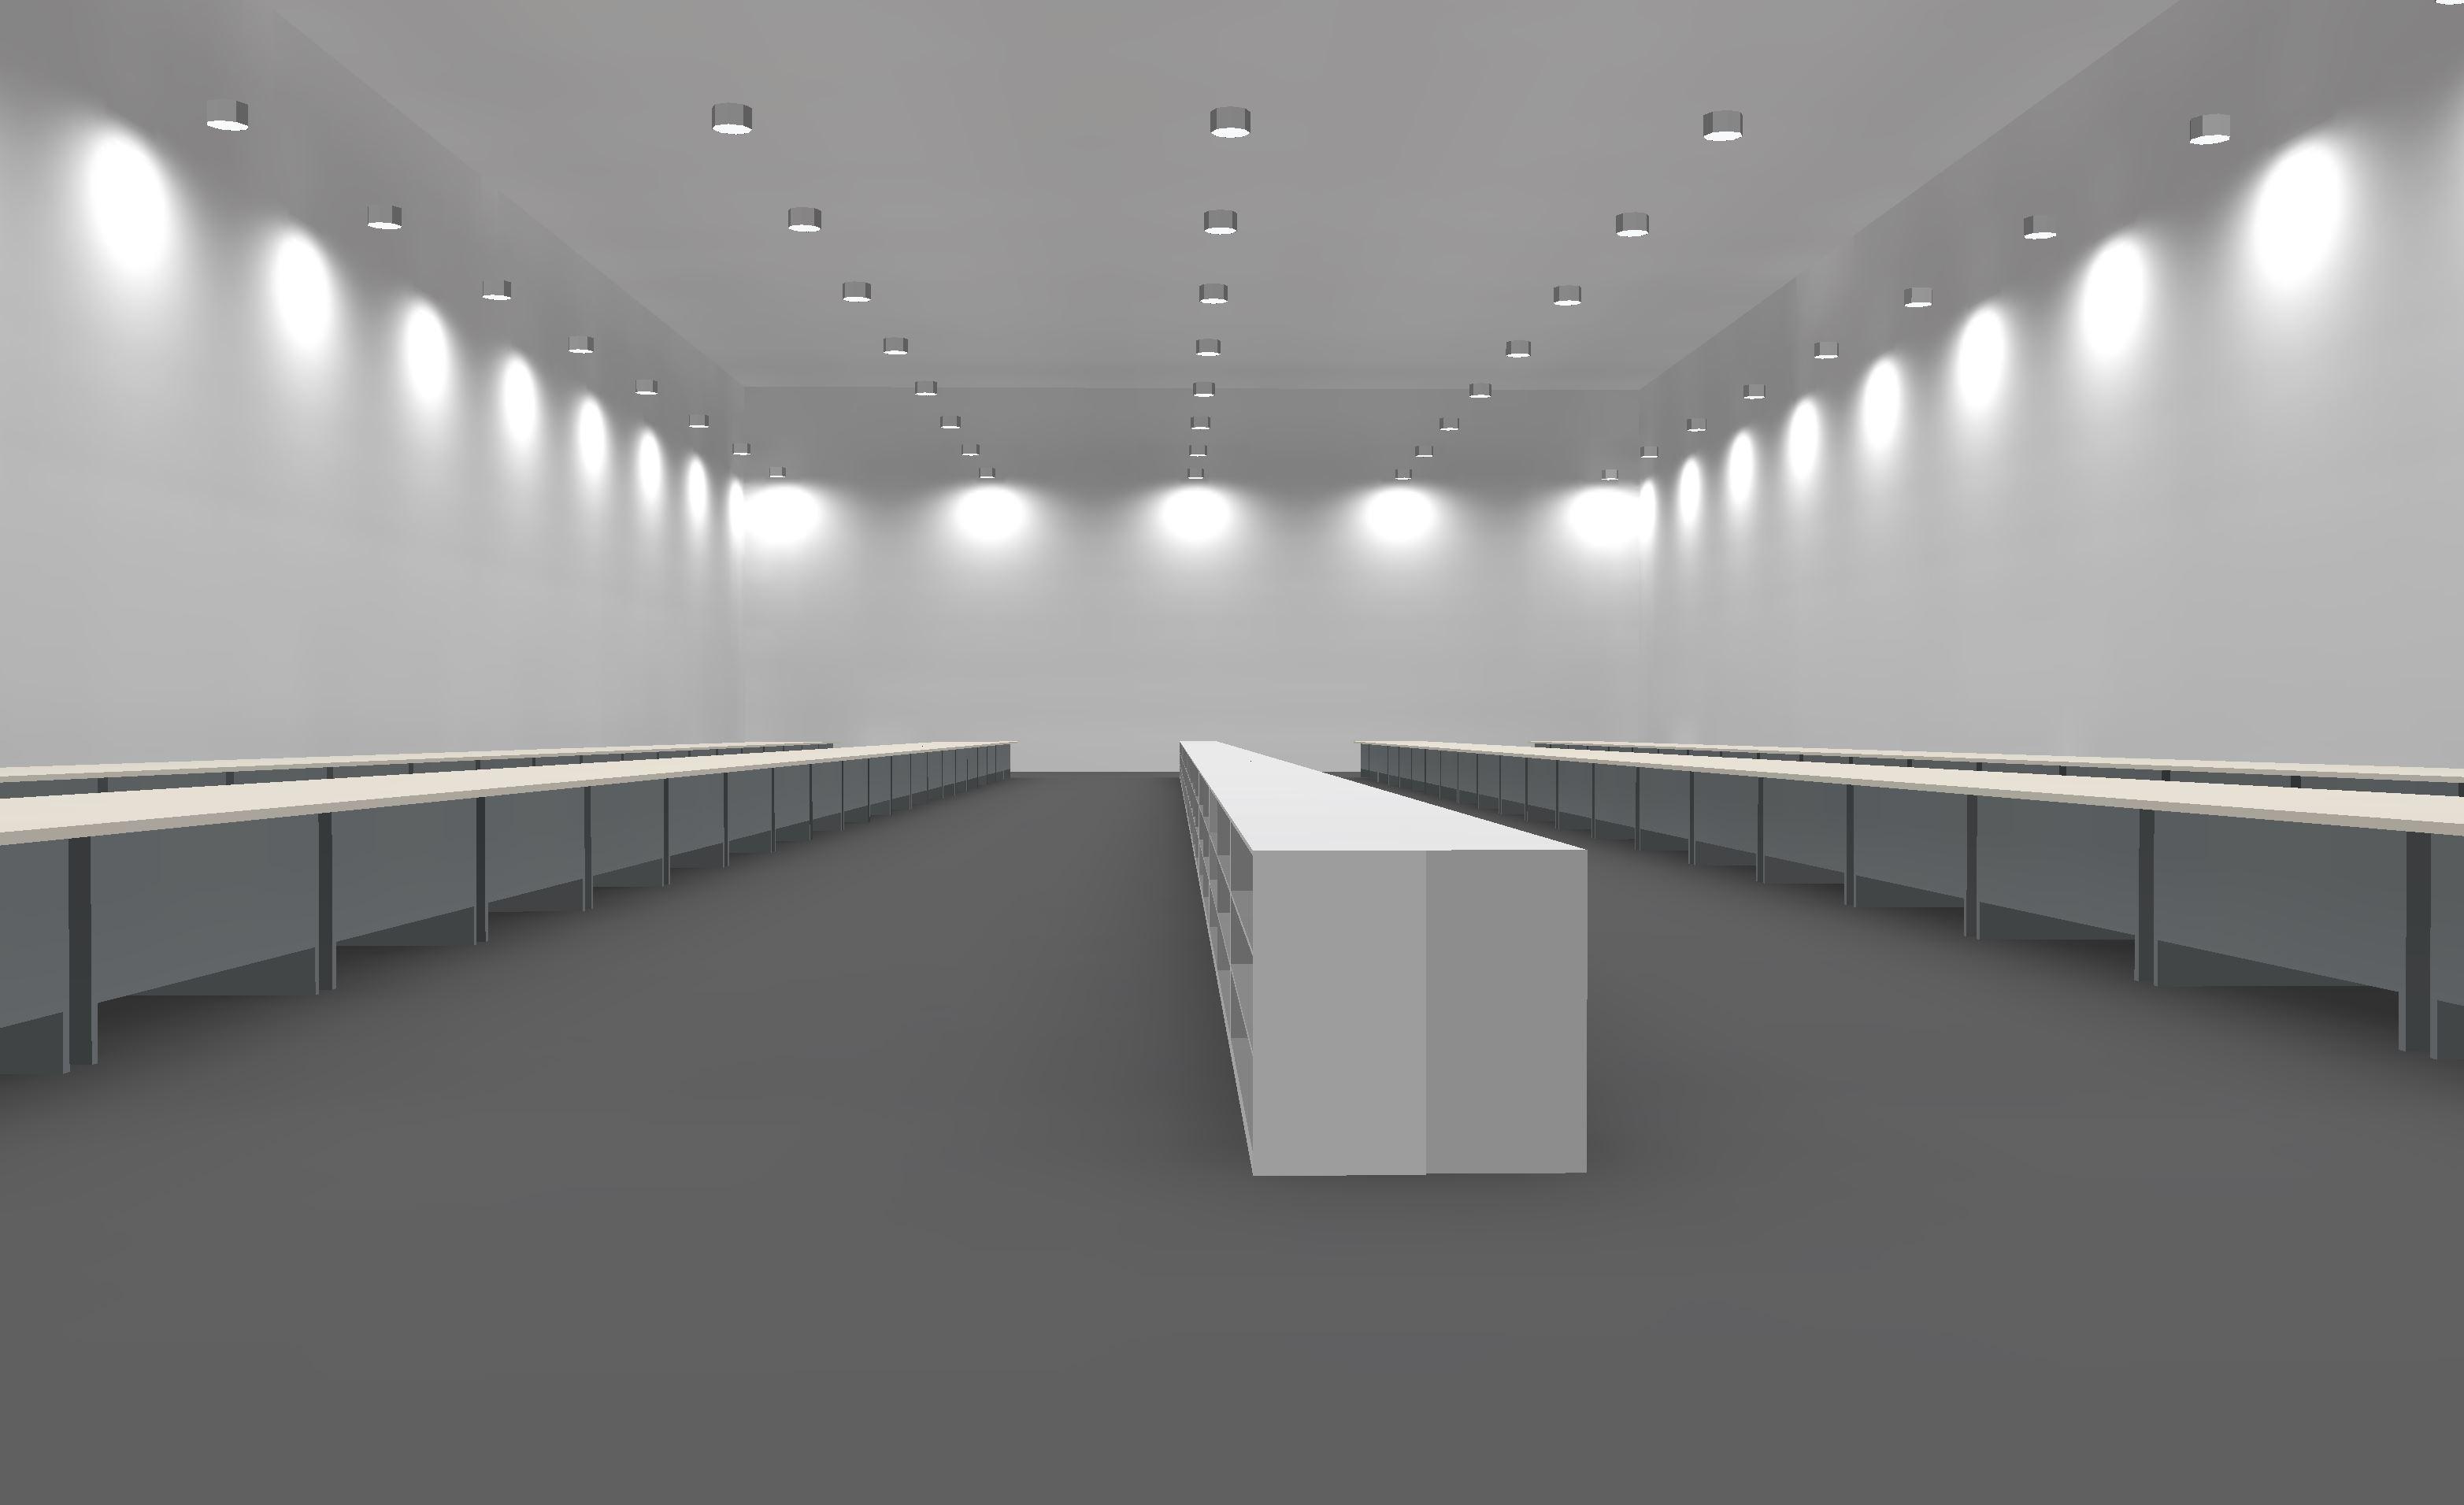 LED Hallenbeleuchtung Musteranlage feine Verarbeitung Lichtberechnung